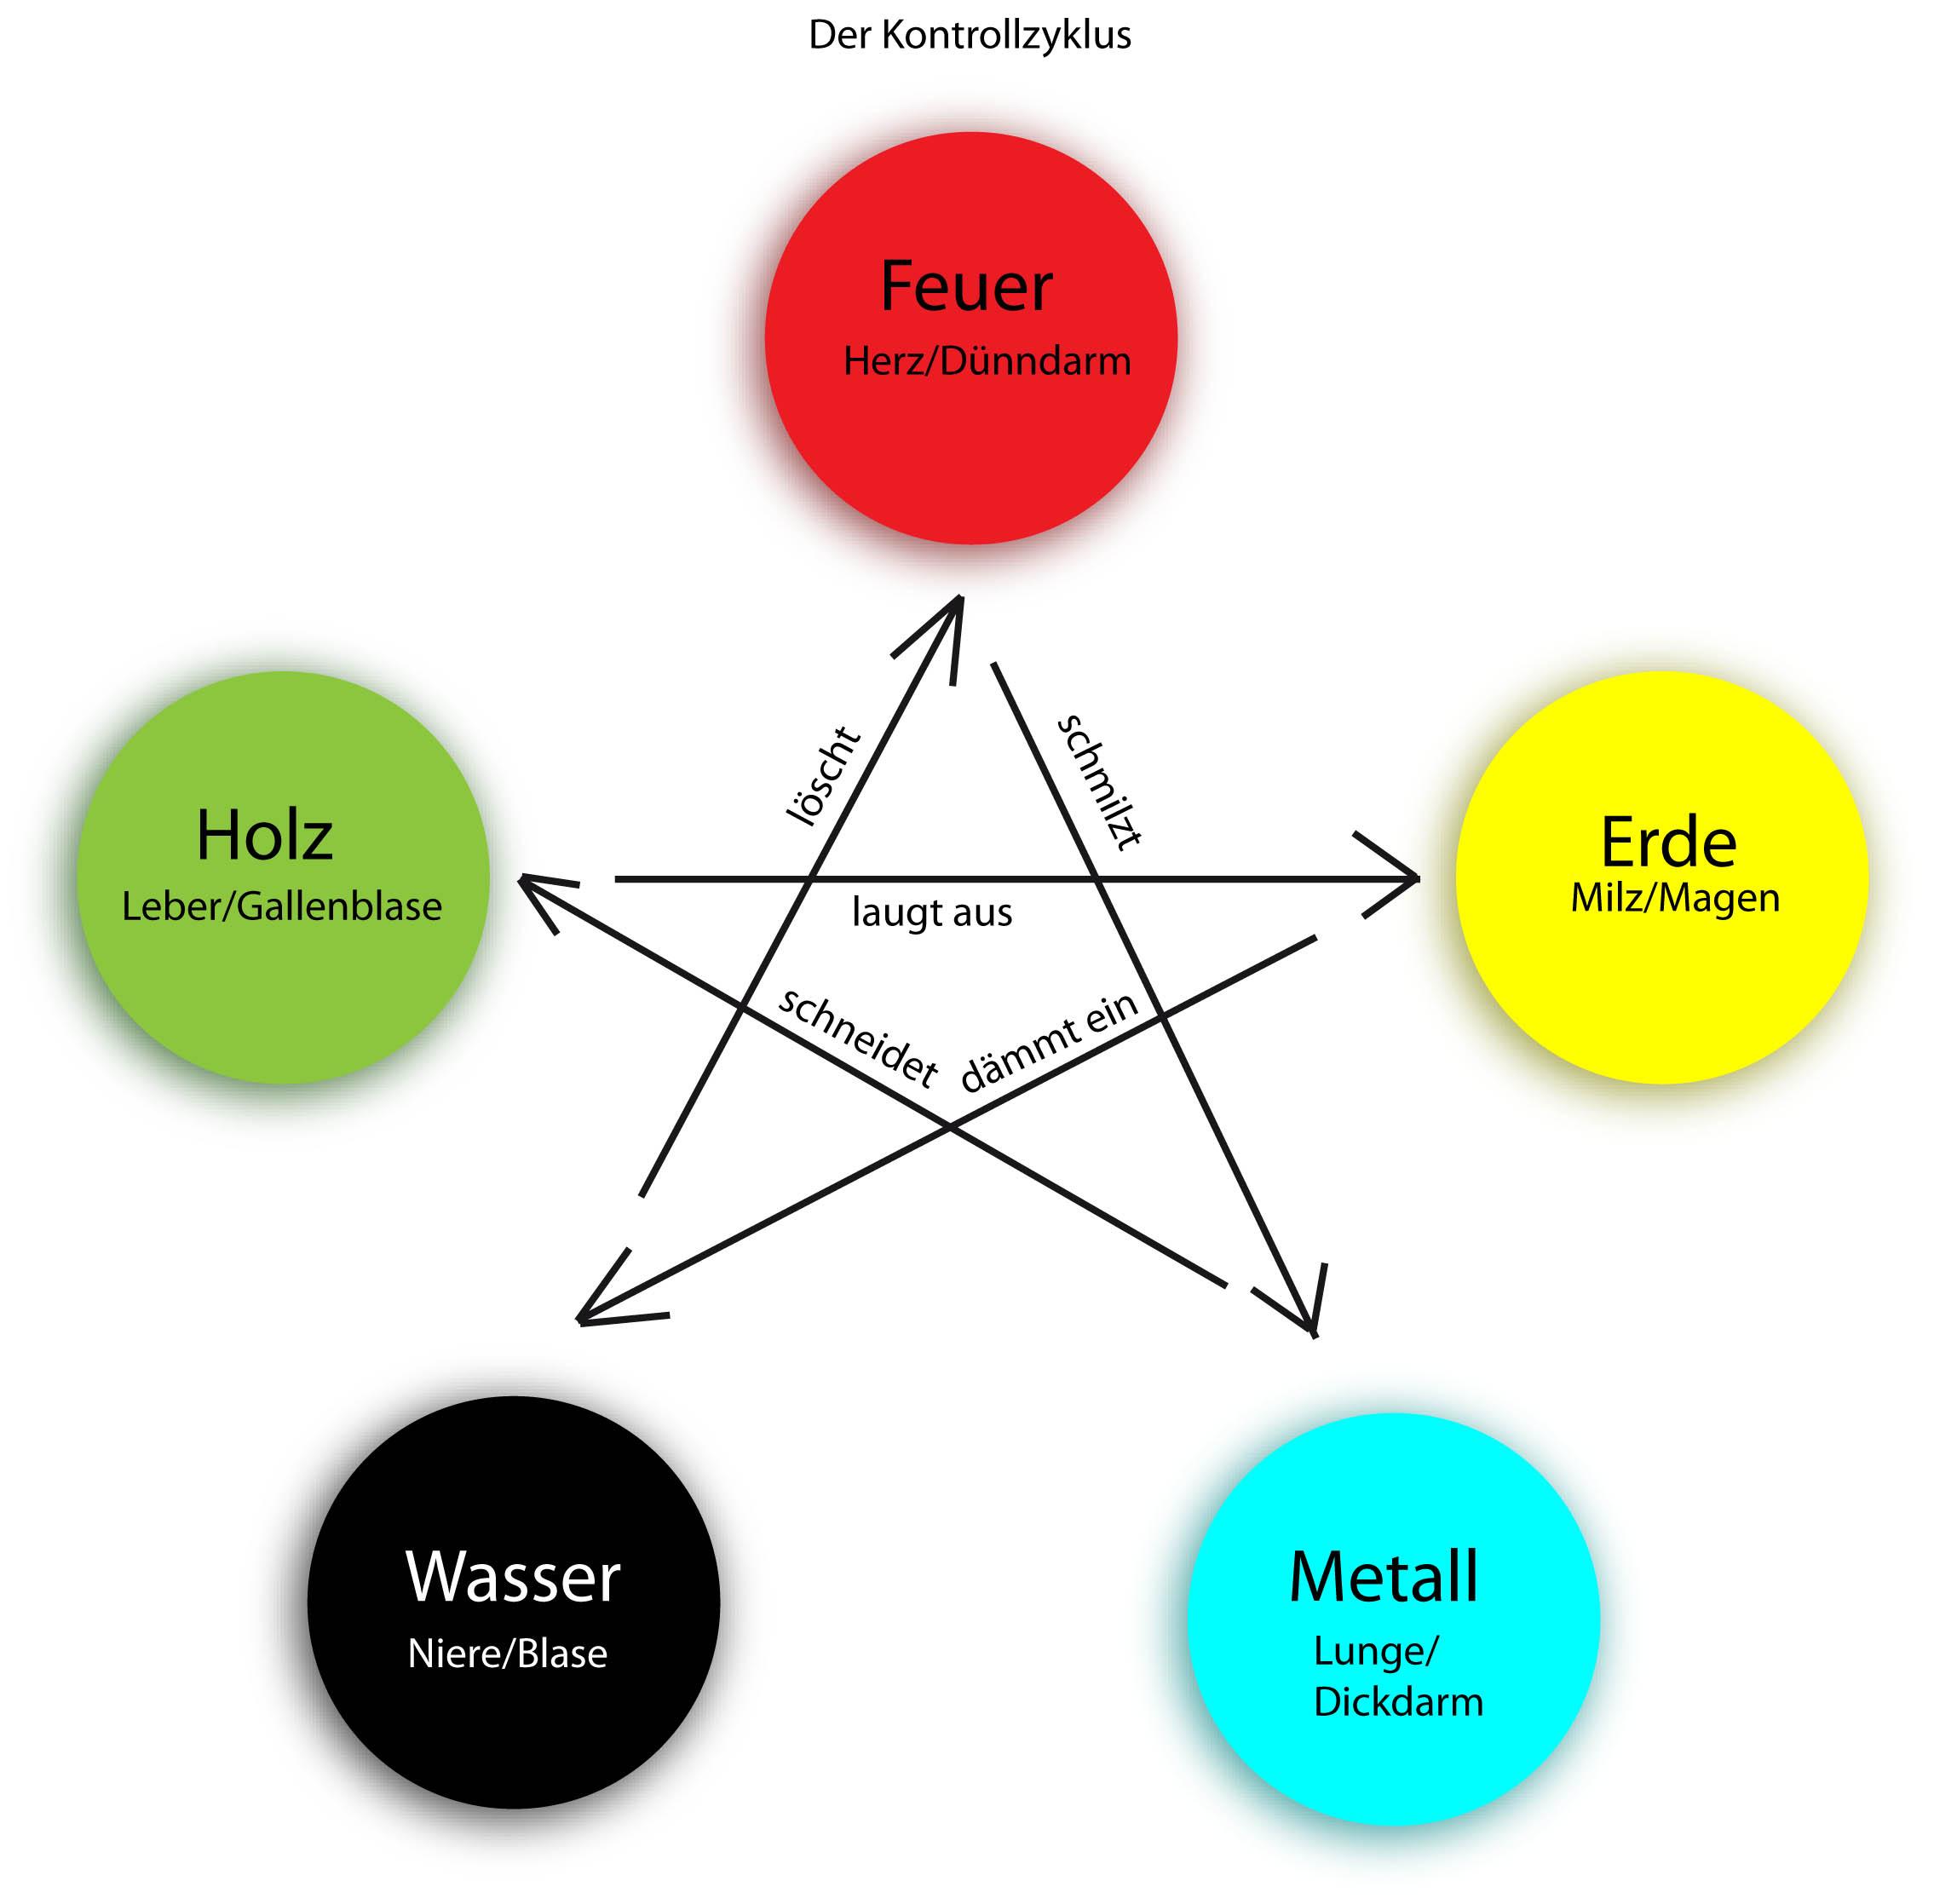 Kontrollzyklus der 5 Elemente